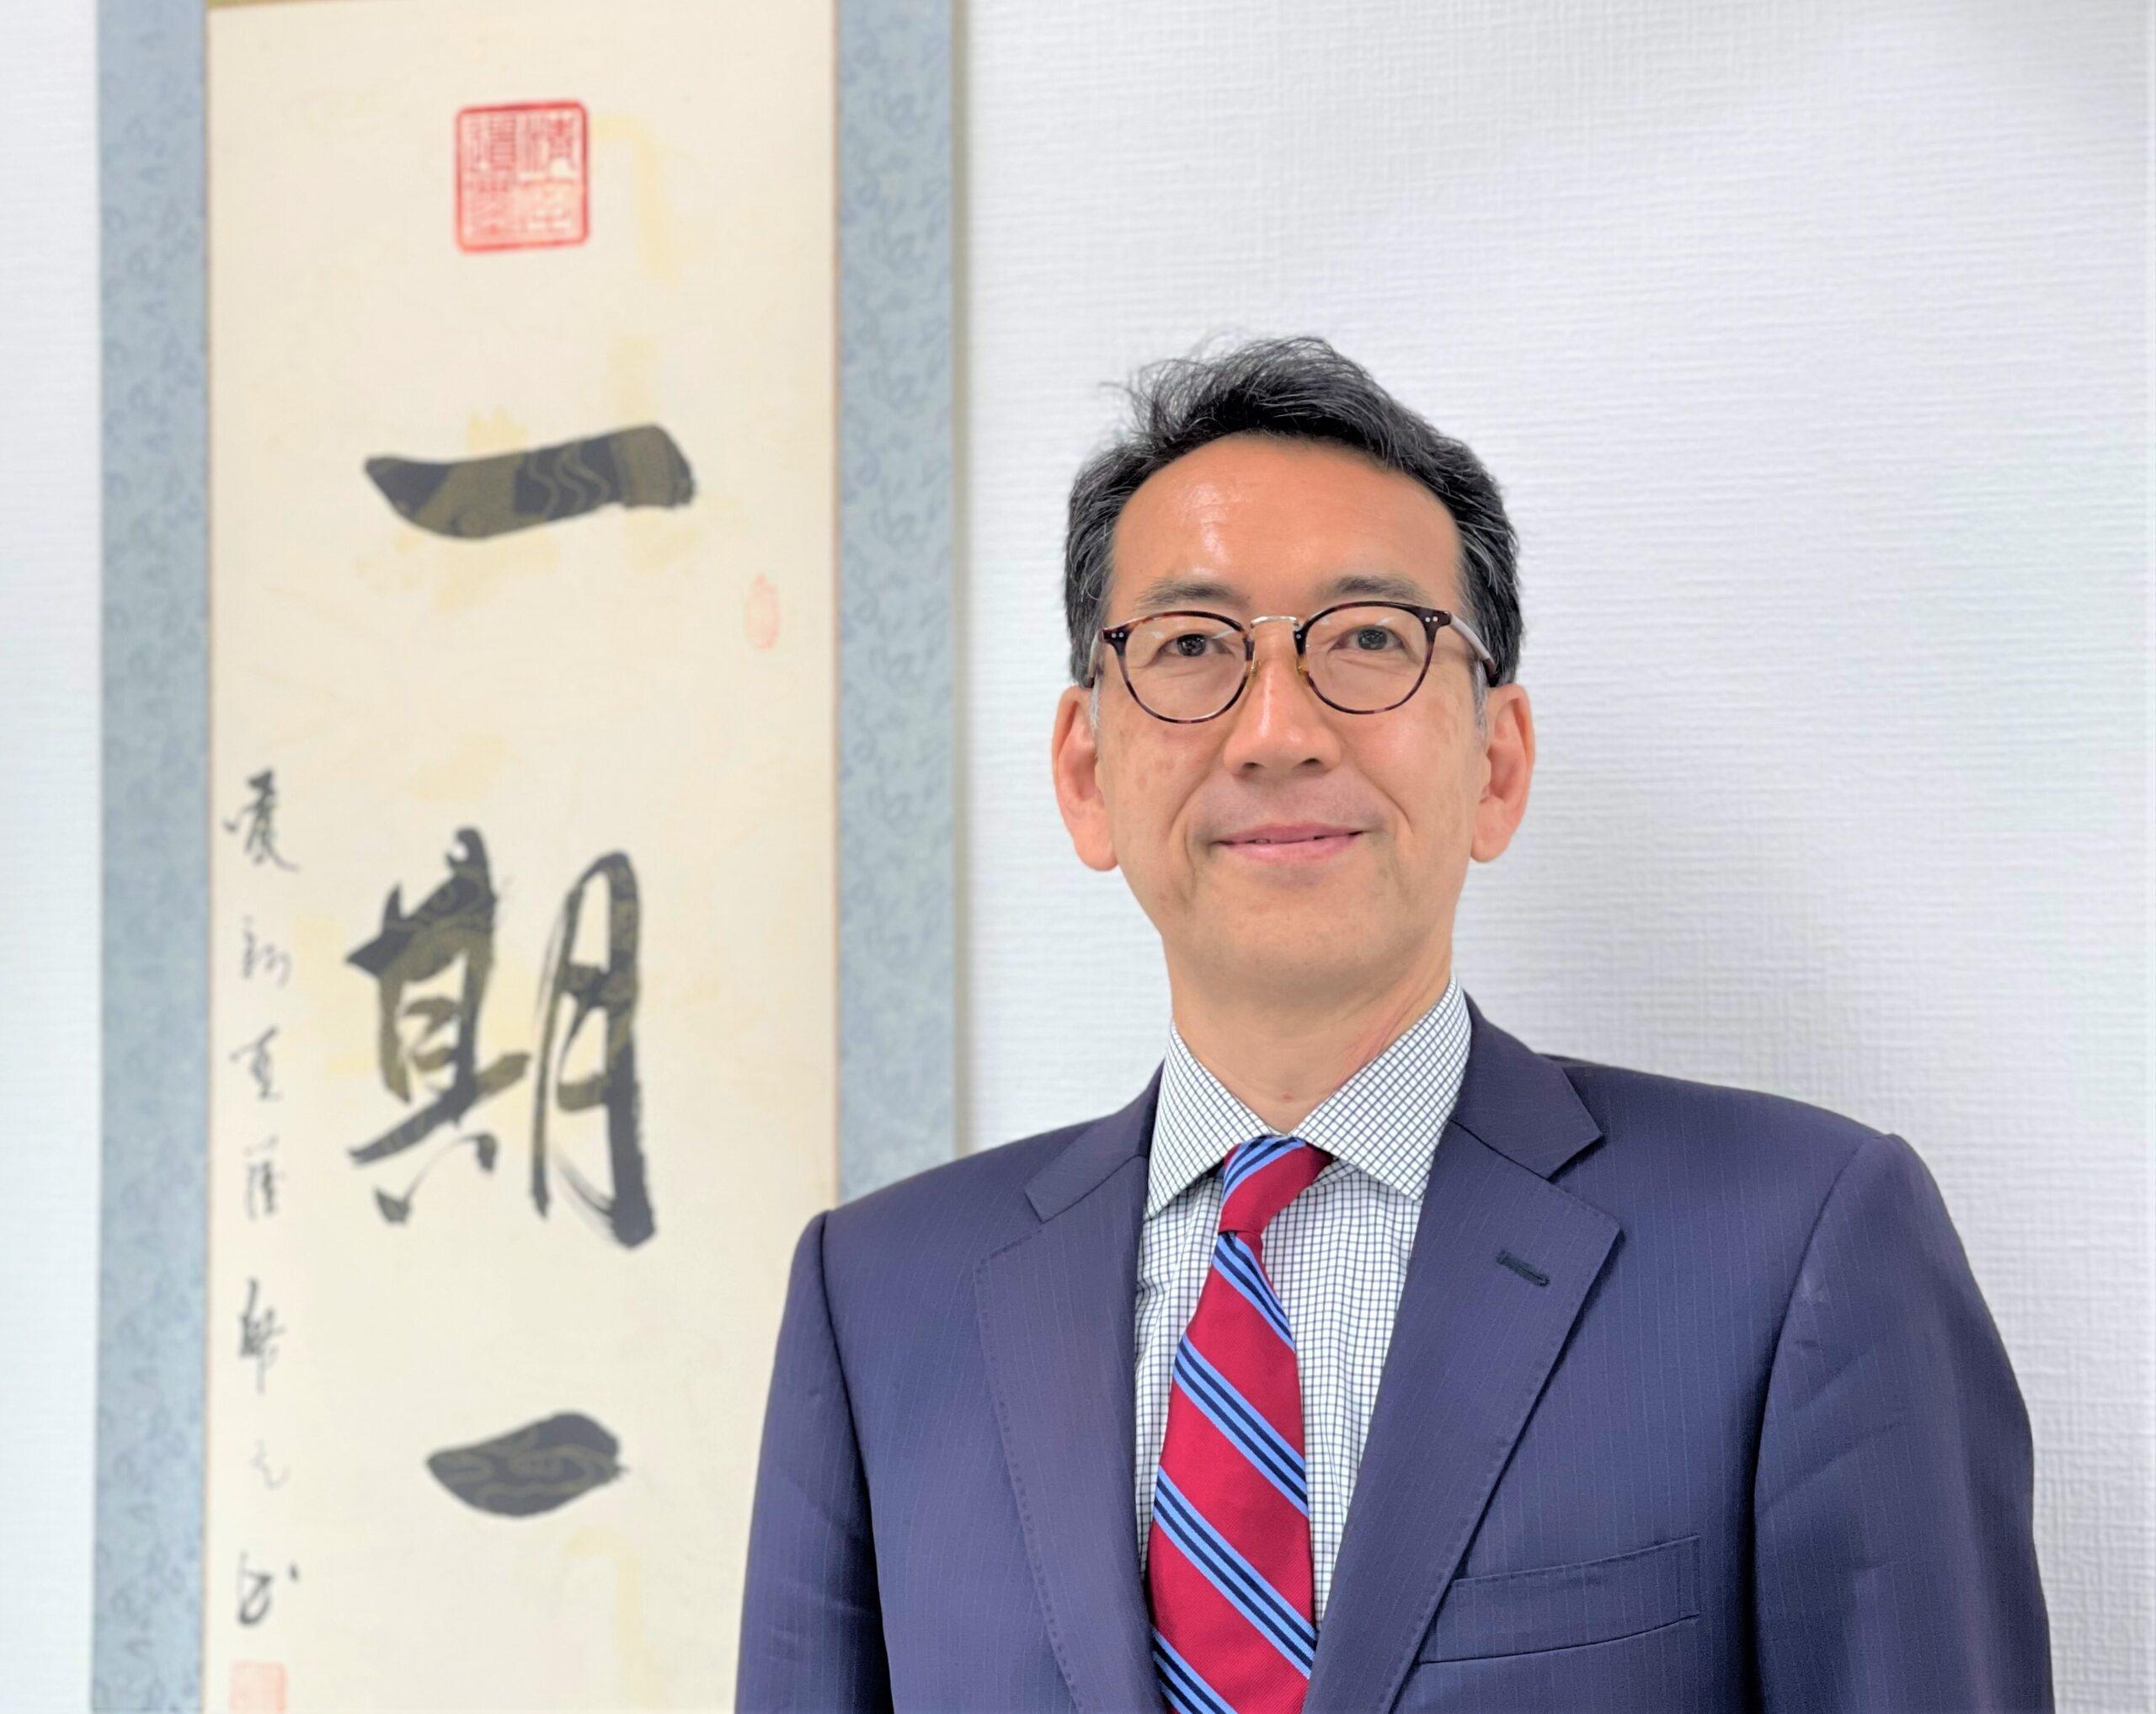 GHCD認定講師早坂さん